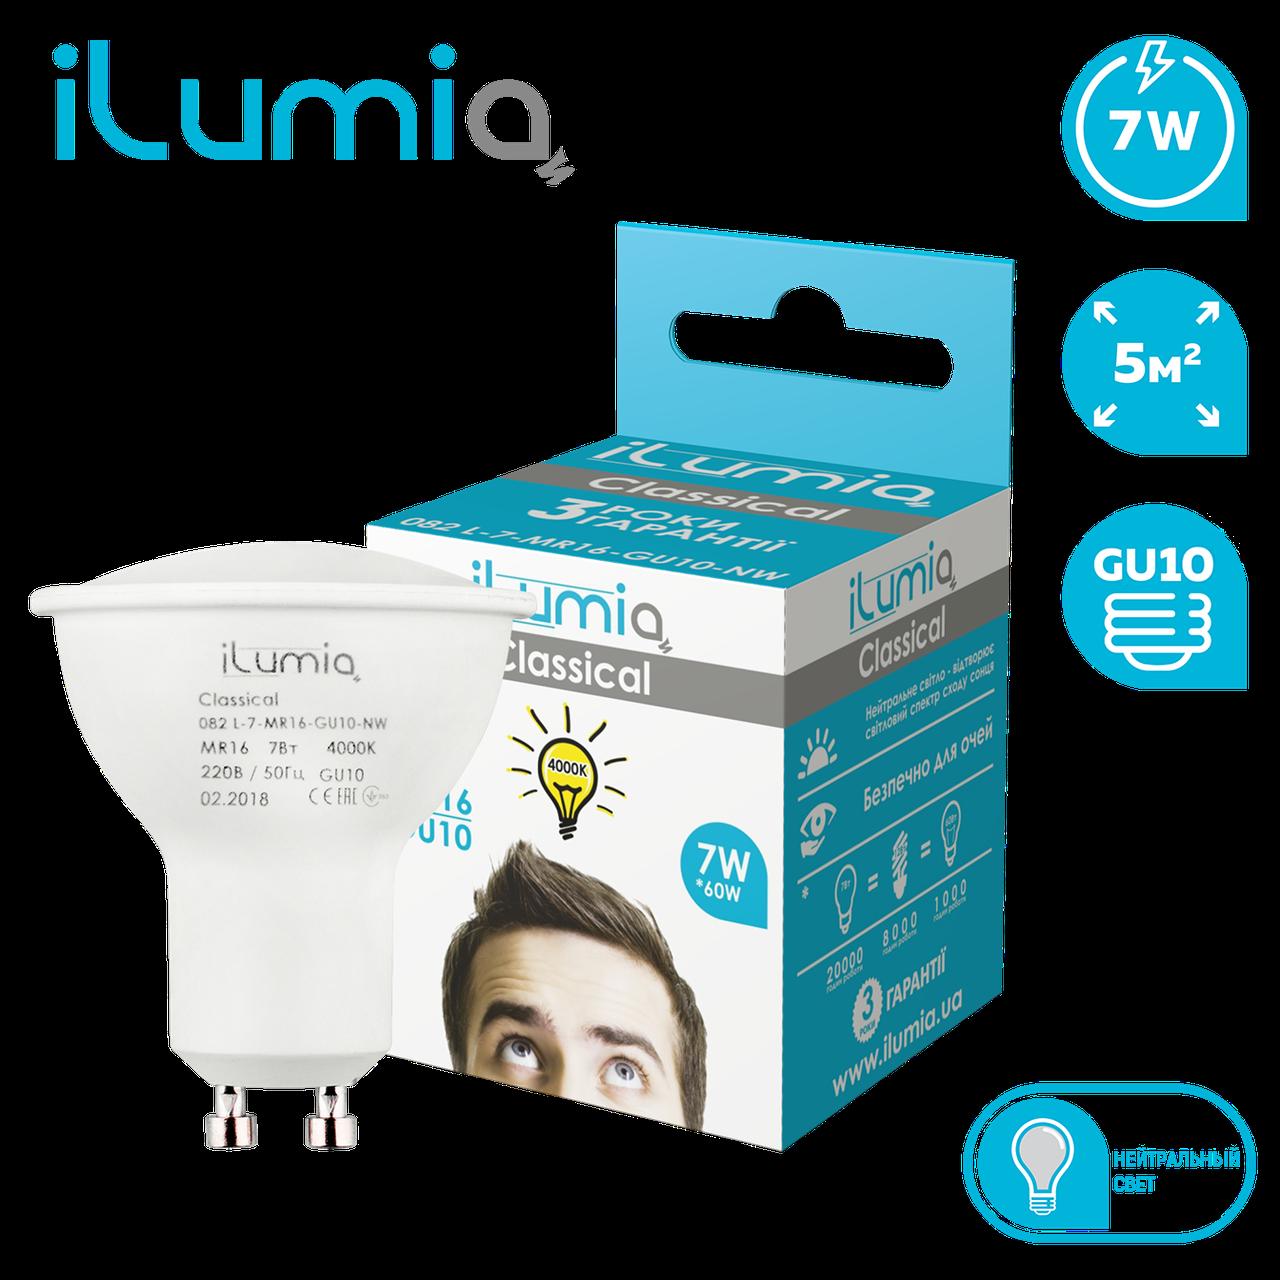 Светодиодная лампа Ilumia 7Вт, цоколь GU10, 4000К (нейтральный белый), 700Лм (082)